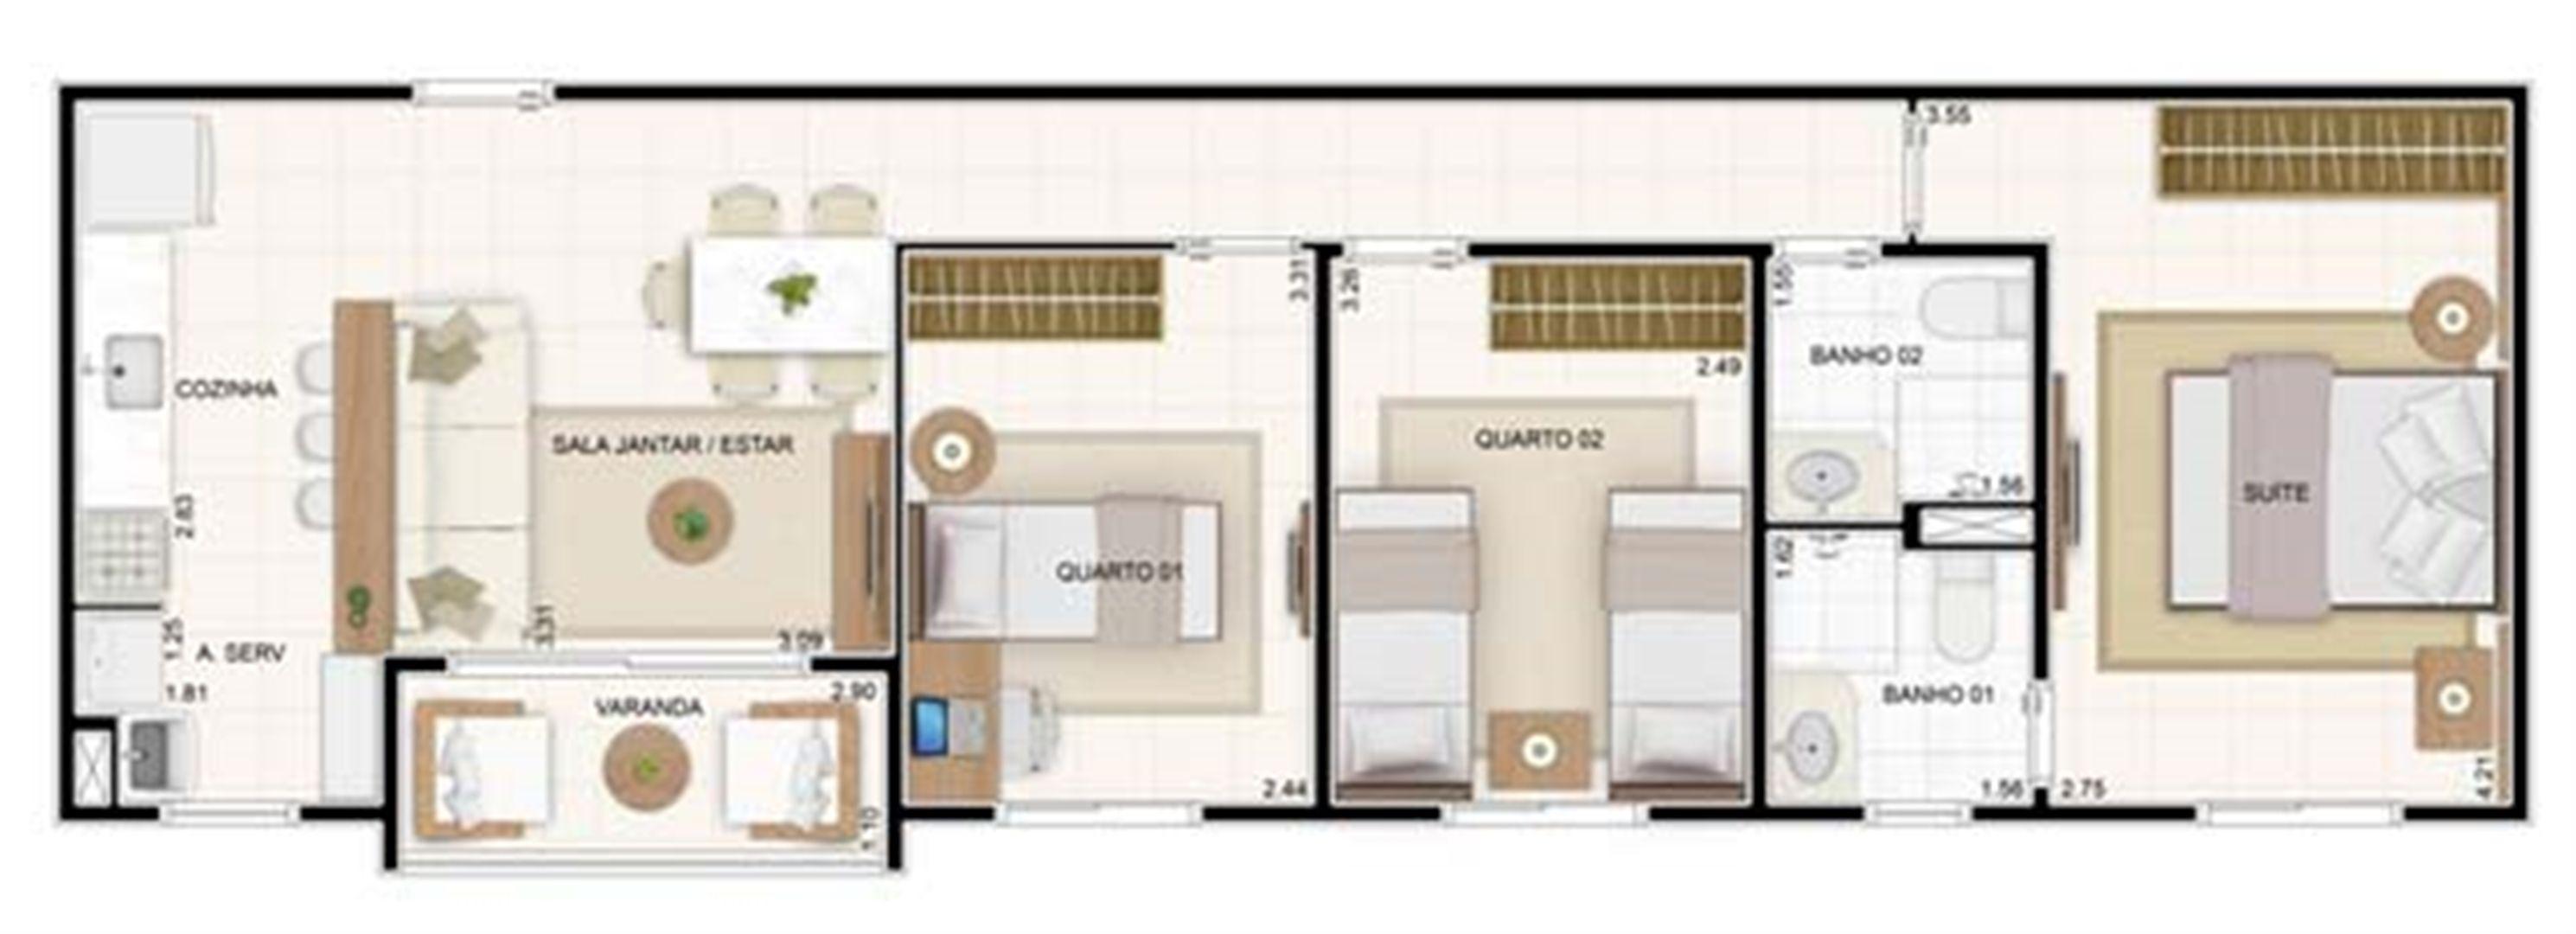 3 dorms 67,35m²   Vita 2 Residencial Clube – Apartamento no  Pitimbu - Natal - Rio Grande do Norte